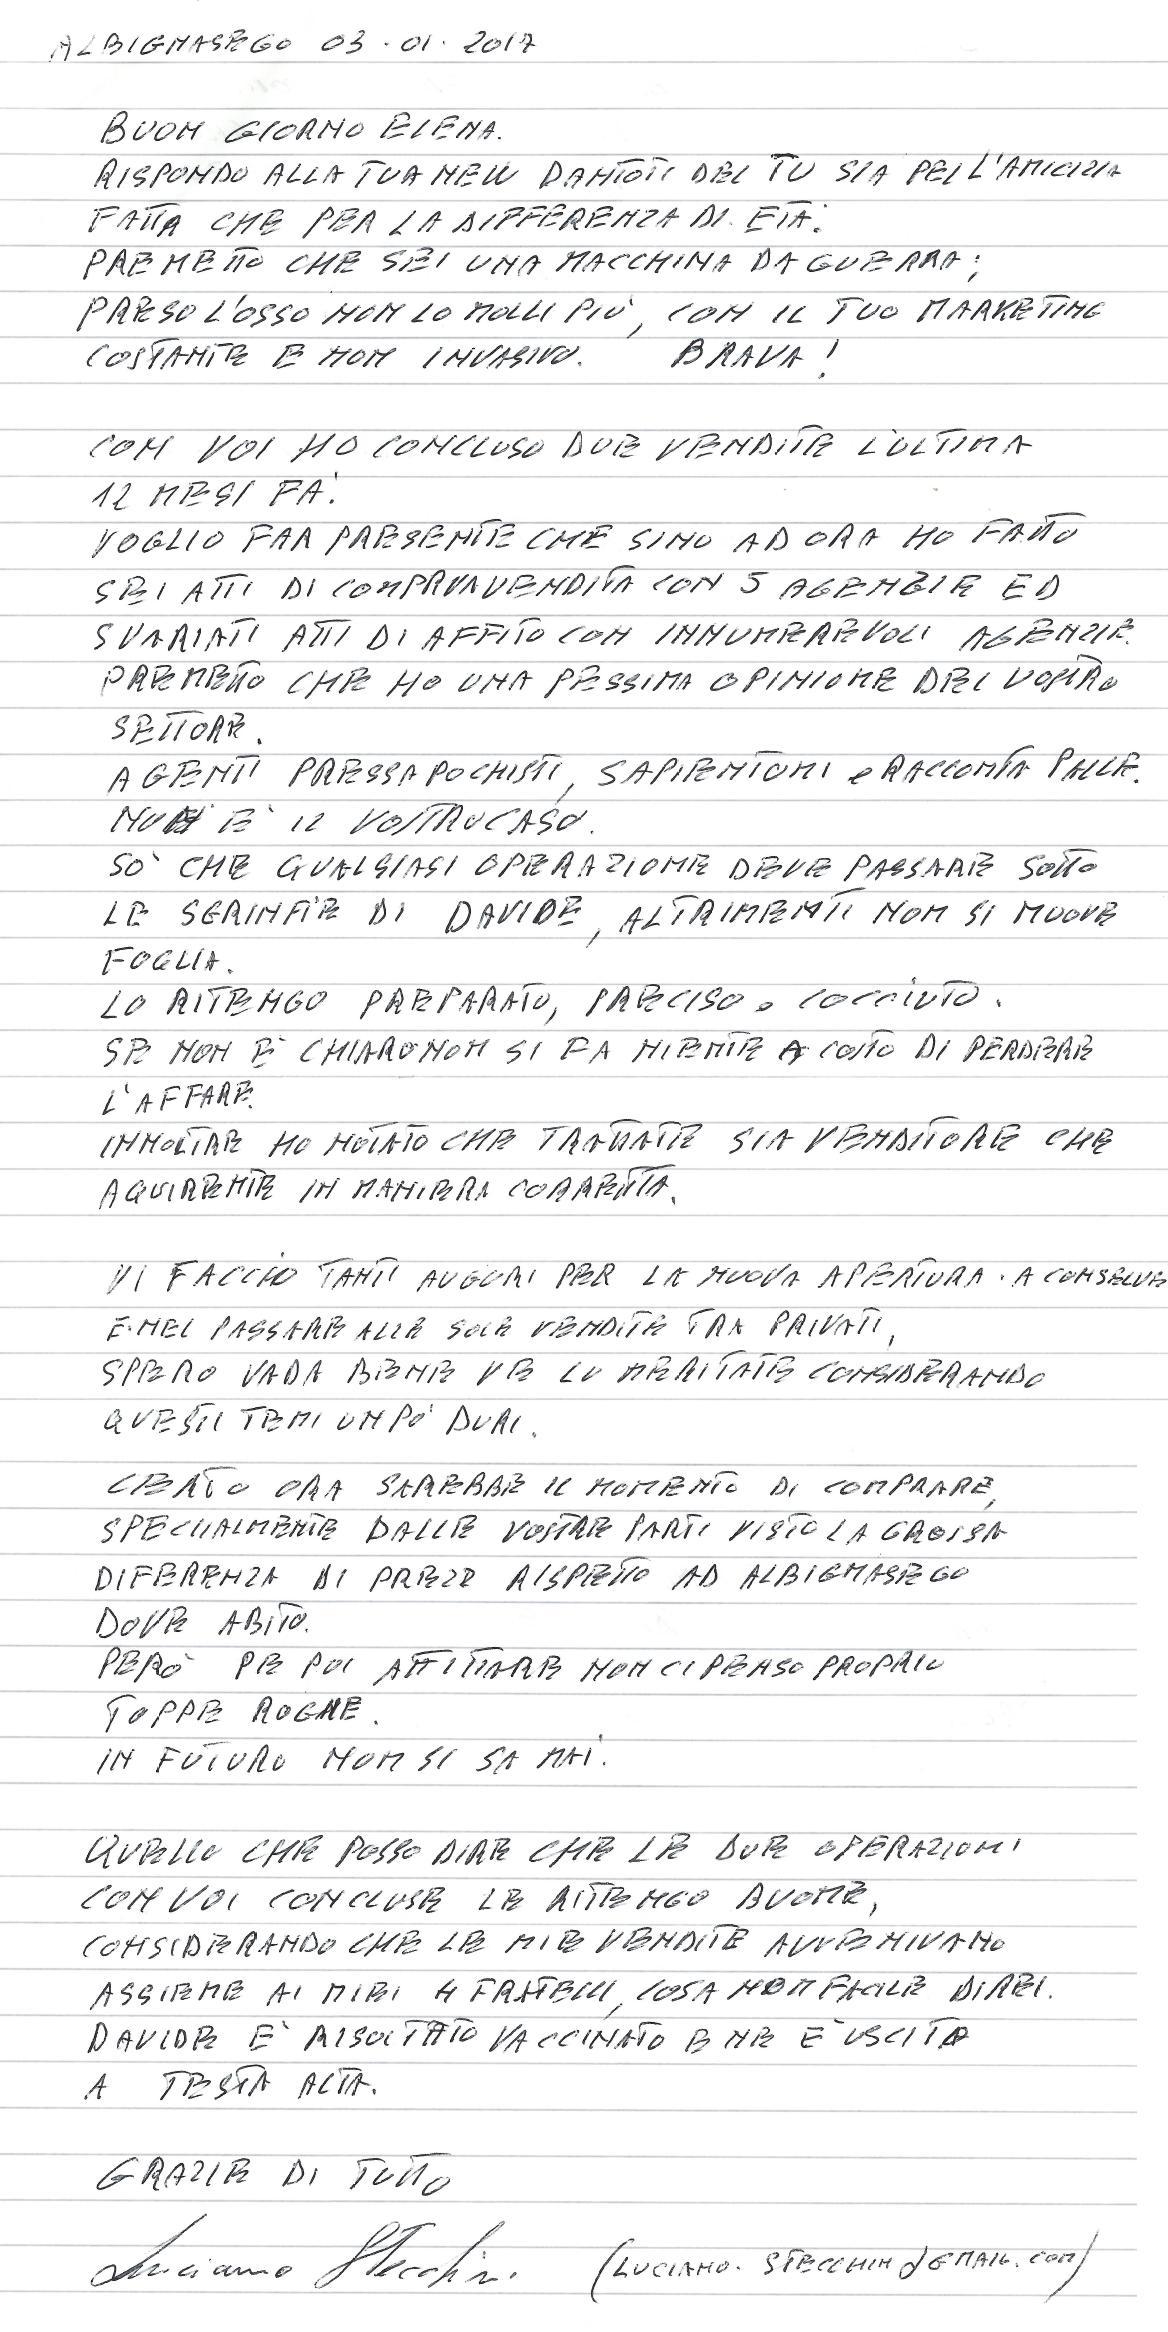 lettera di testimonianza sig. Stecchini Luciano